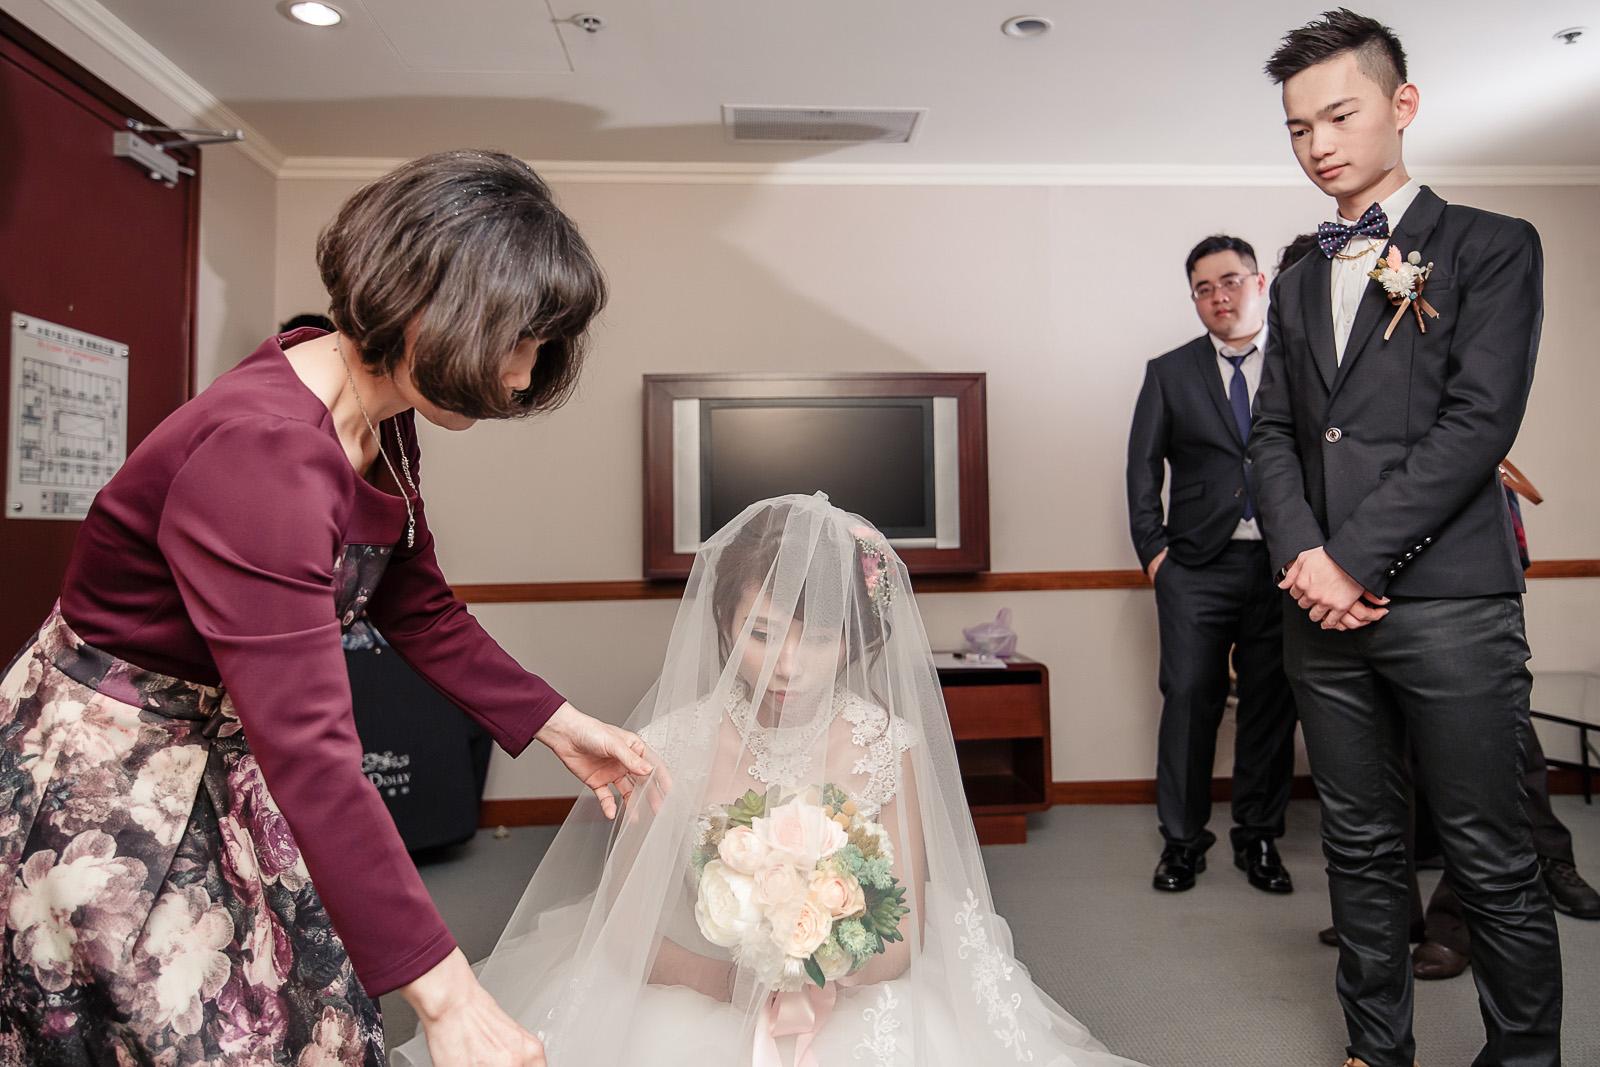 高雄圓山飯店,婚禮攝影,婚攝,高雄婚攝,優質婚攝推薦,Jen&Ethan-150